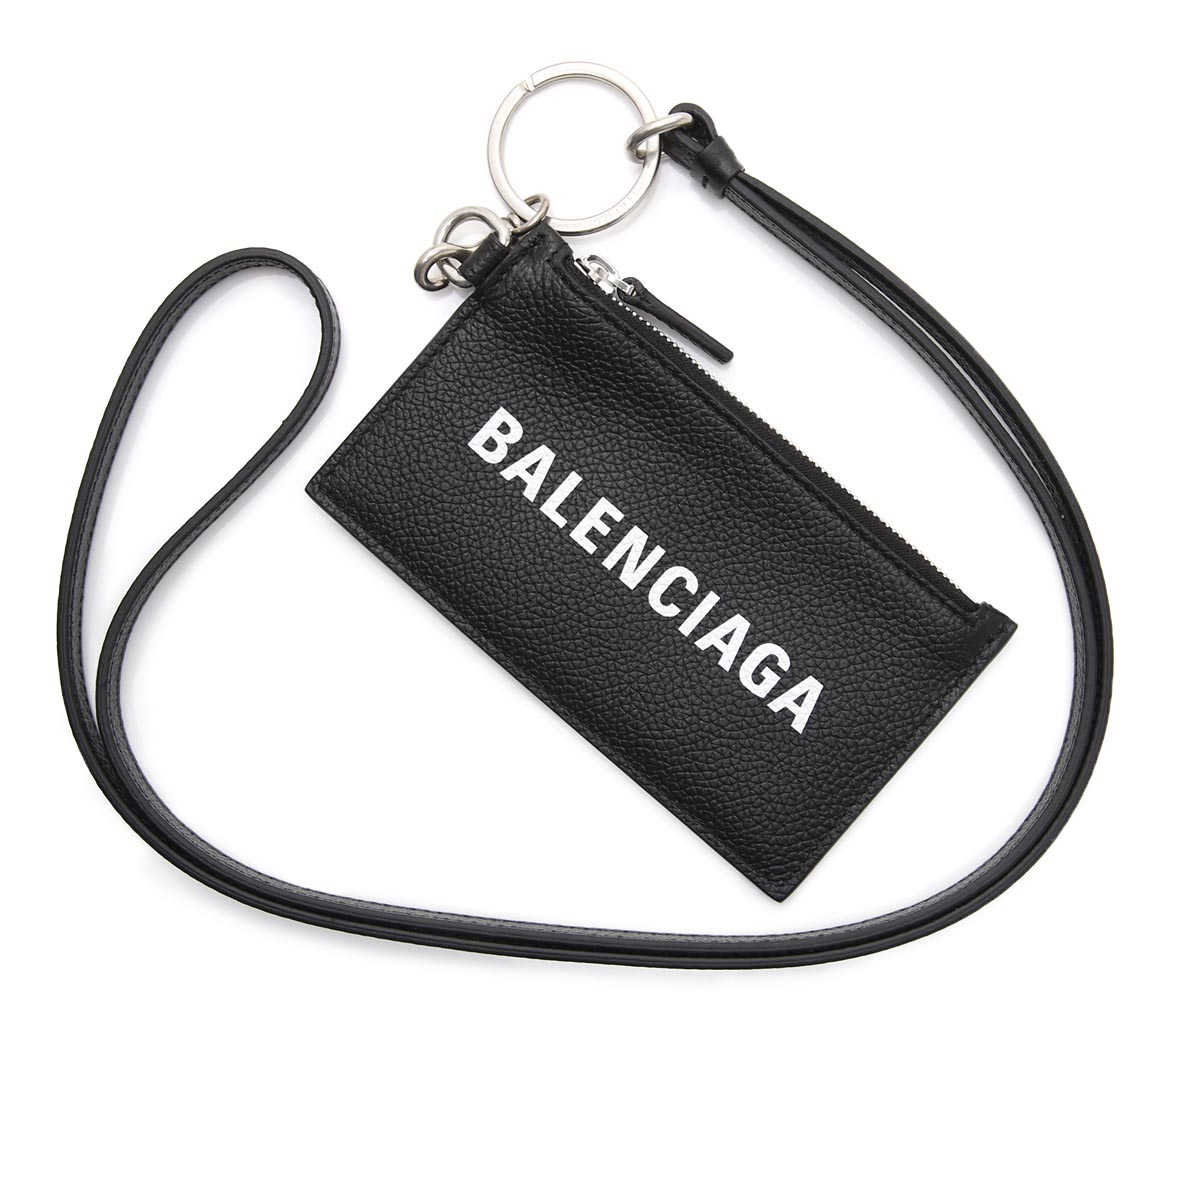 新作 大人気 送料無料 バレンシアガ BALENCIAGA カードケース 2021年秋冬新作 ブラック メンズ 1090 594548 2021AW ショッピング あす楽対応_関東 1izi3 ラッピング無料 返品送料無料